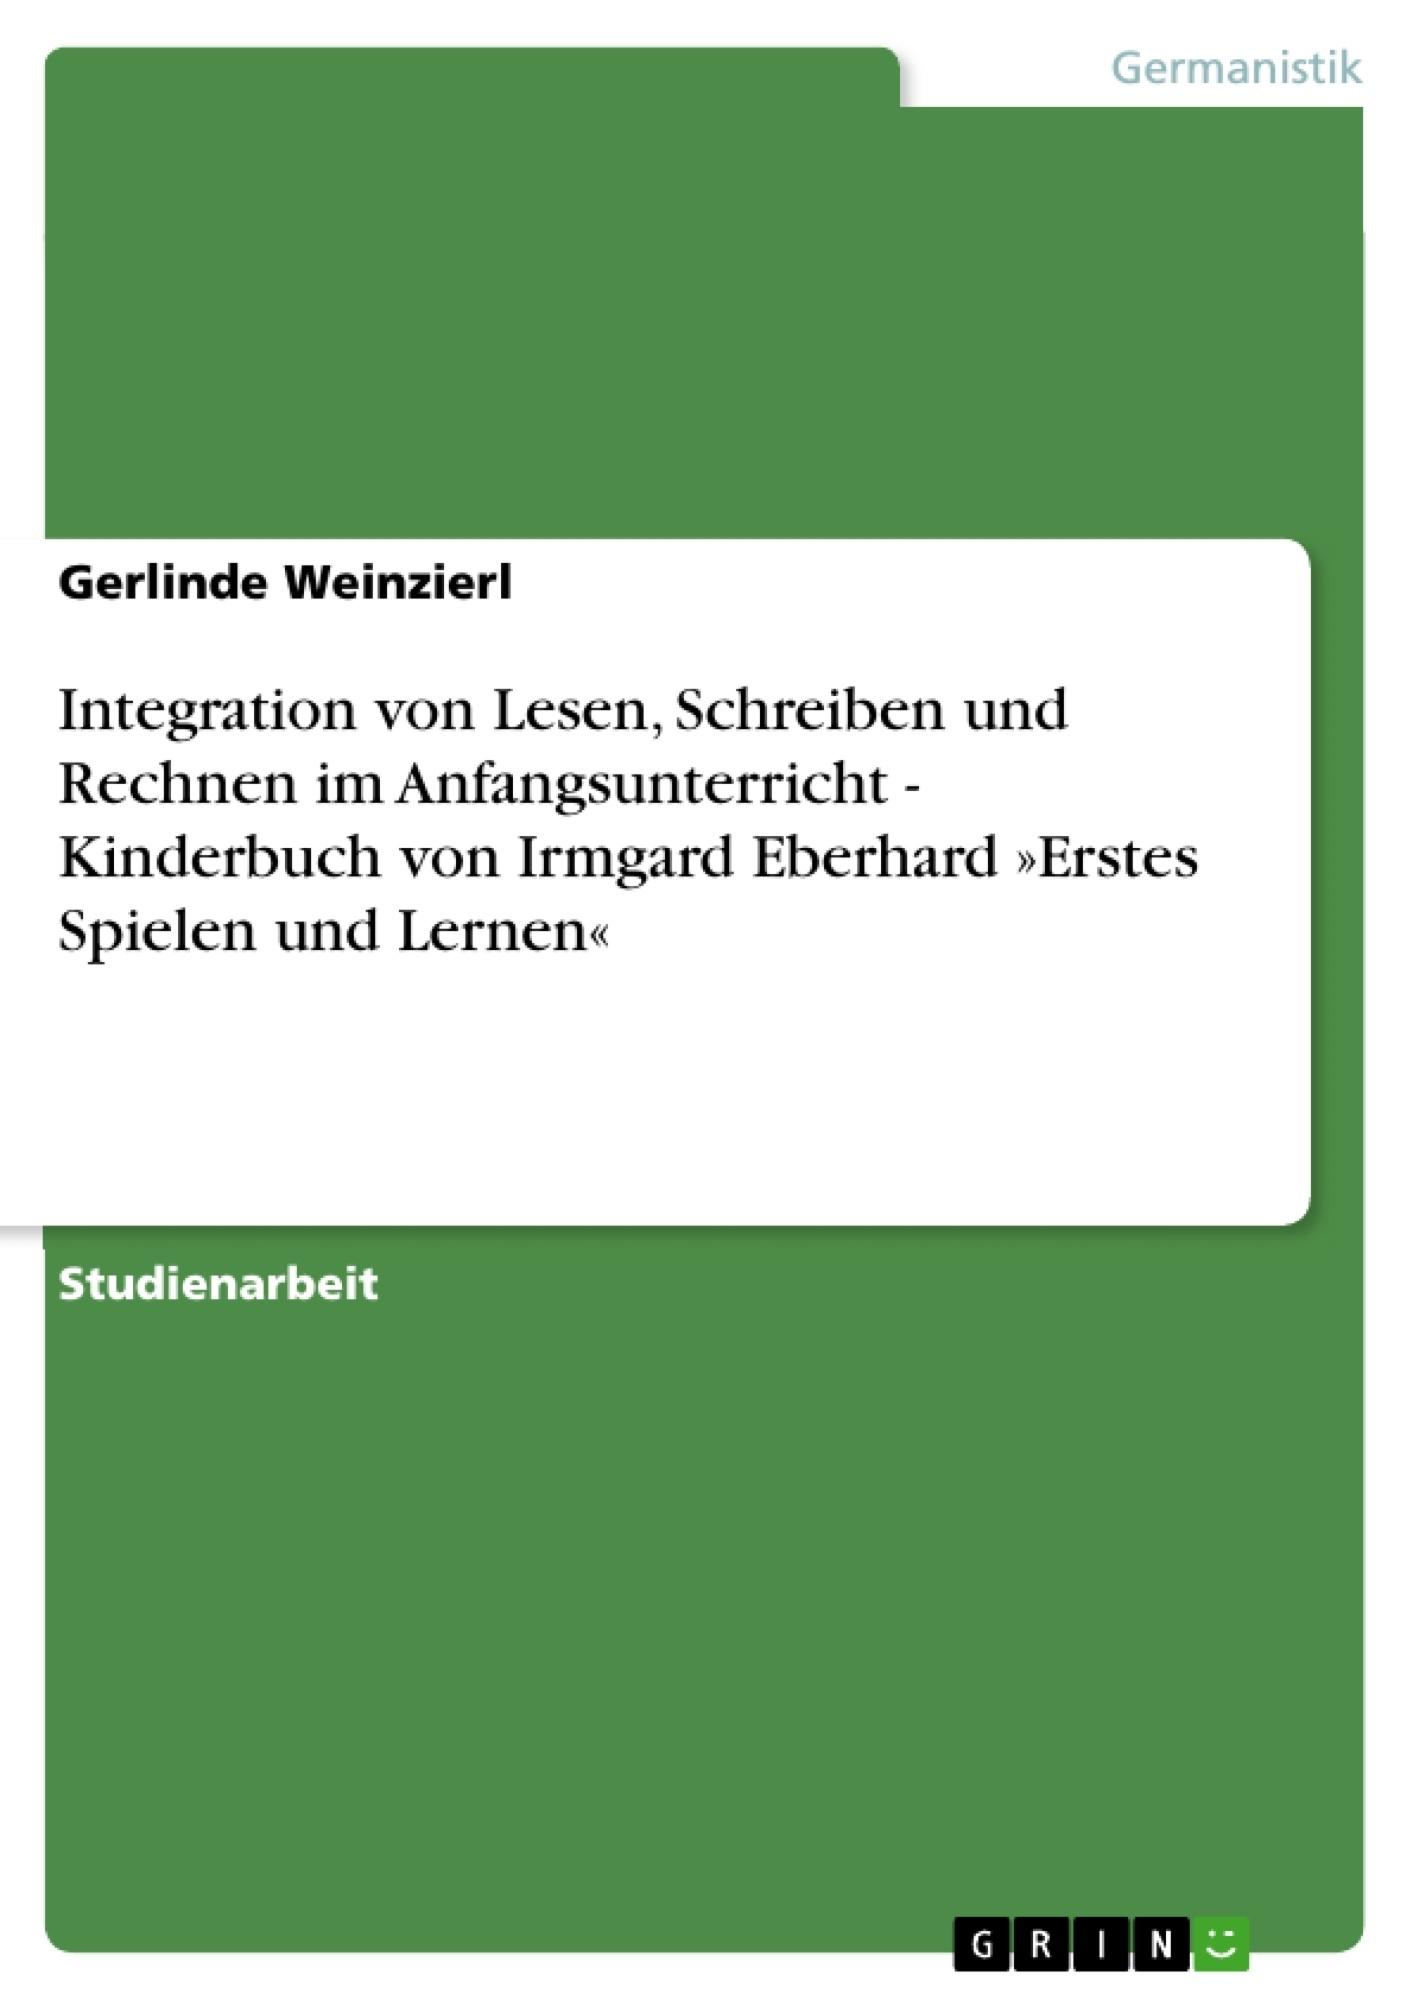 Titel: Integration von Lesen, Schreiben und Rechnen im Anfangsunterricht - Kinderbuch von Irmgard Eberhard »Erstes Spielen und Lernen«